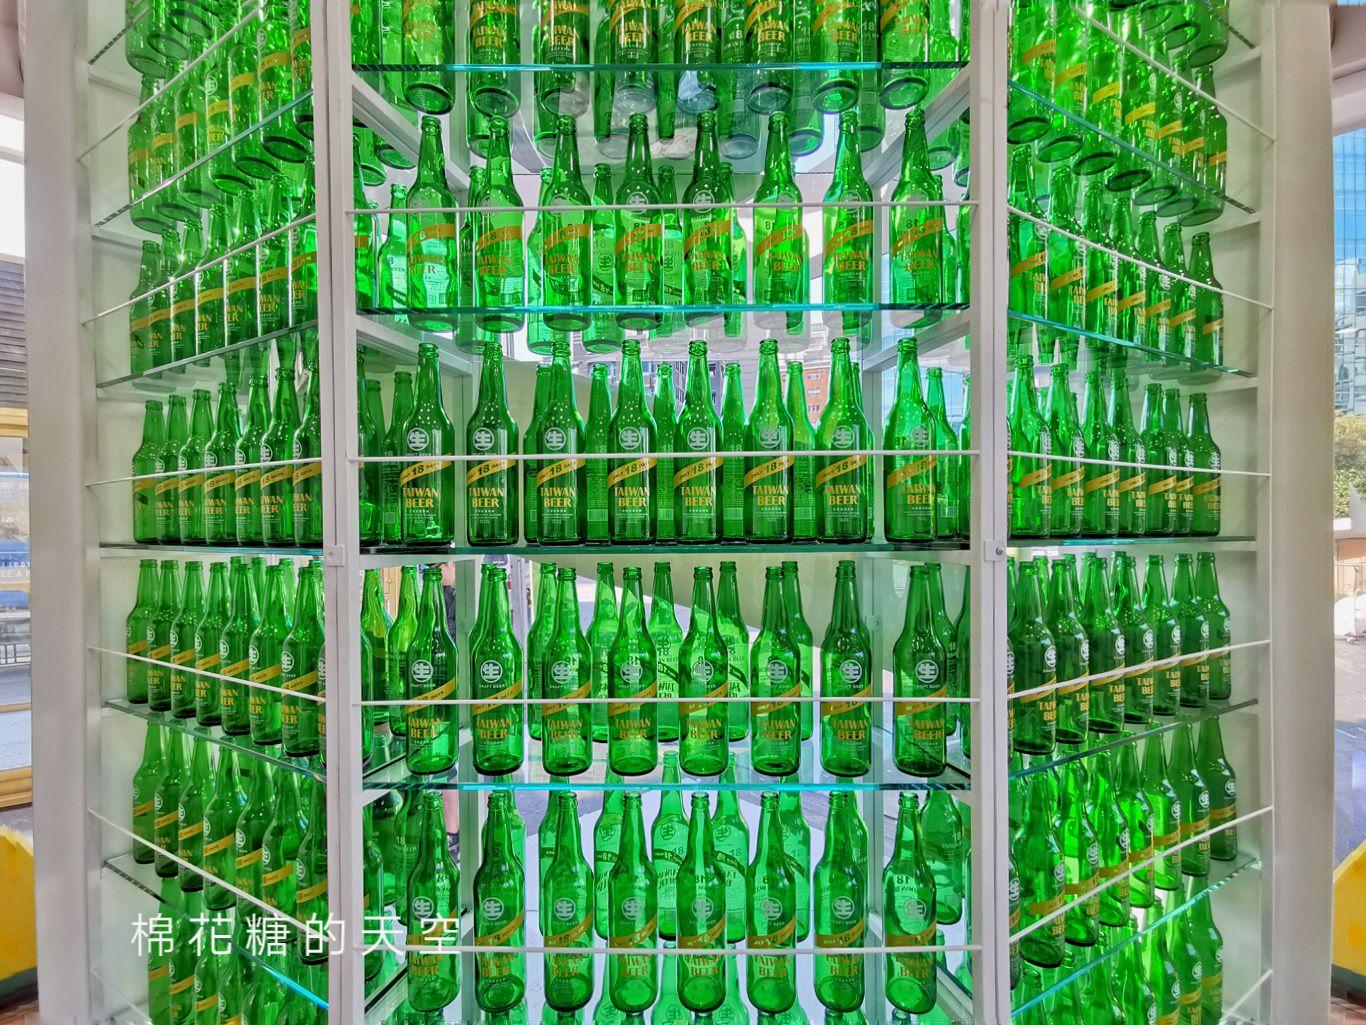 18天生啤酒台中快閃店開幕啦!活動限定芒果啤酒冰沙爵士音樂節也喝得到喔!